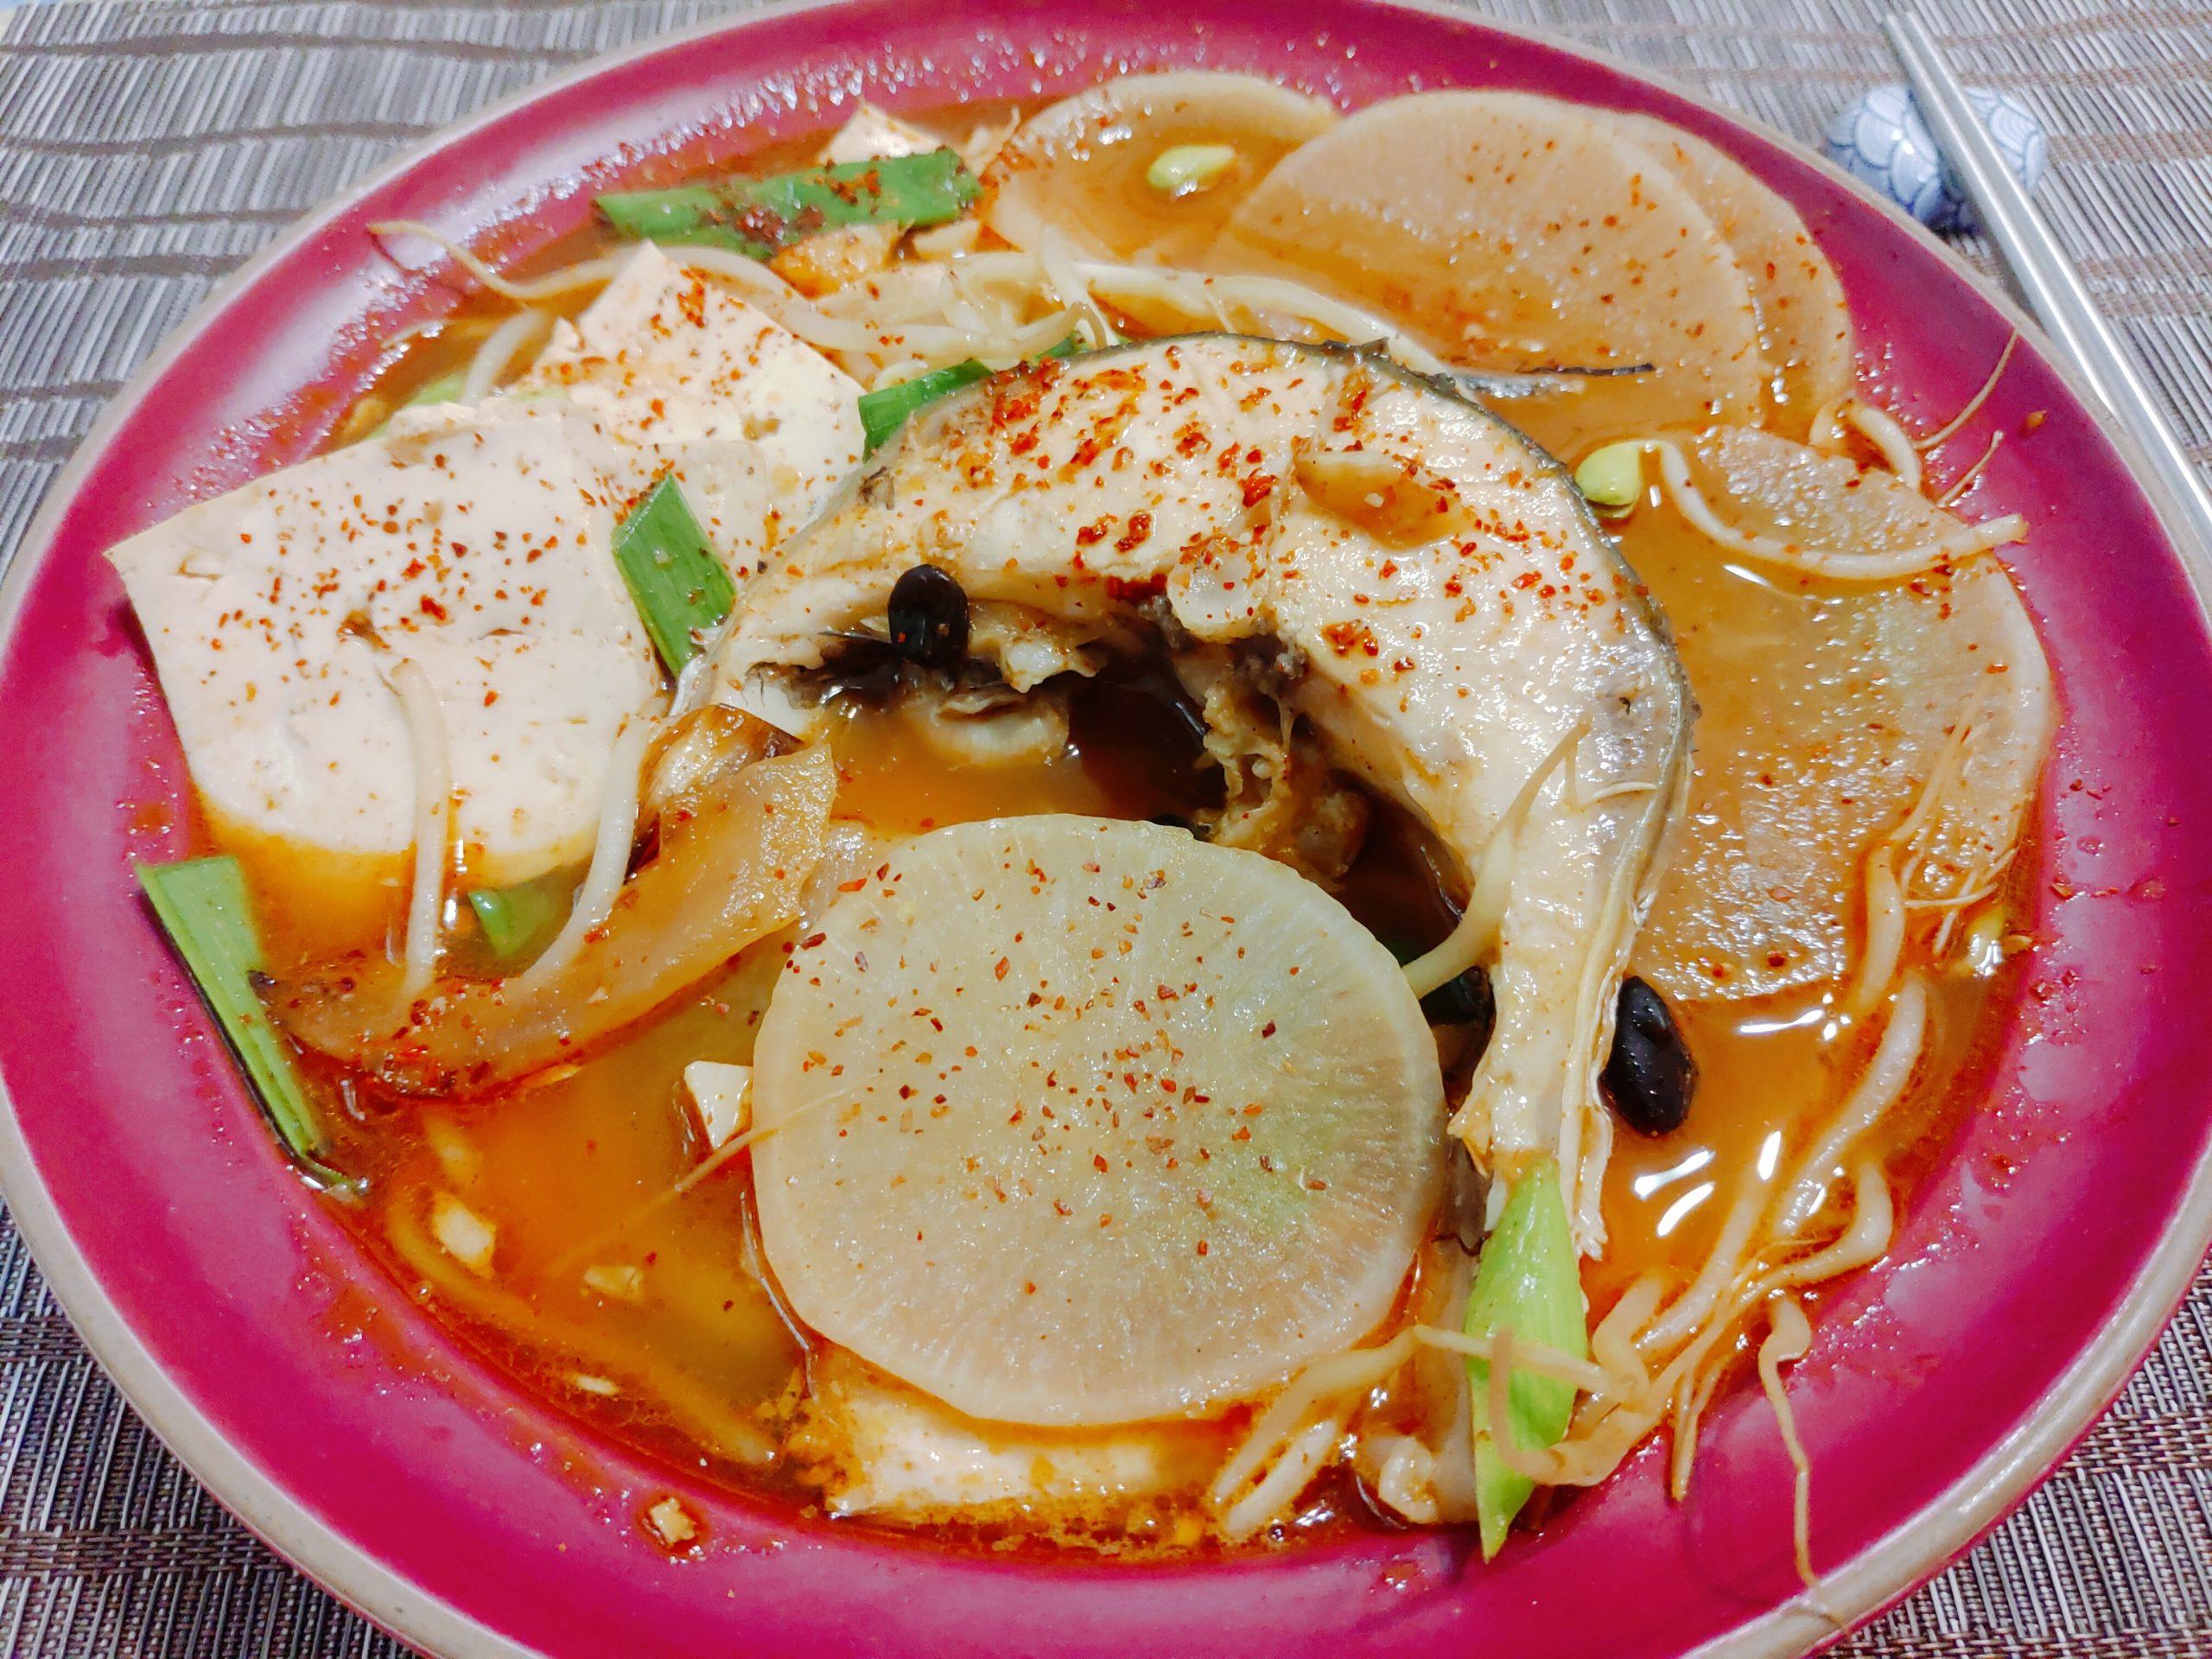 【食譜】韓式辣魚湯|鮮嫩魚肉與微辣湯頭,韓式料理一點都不困難